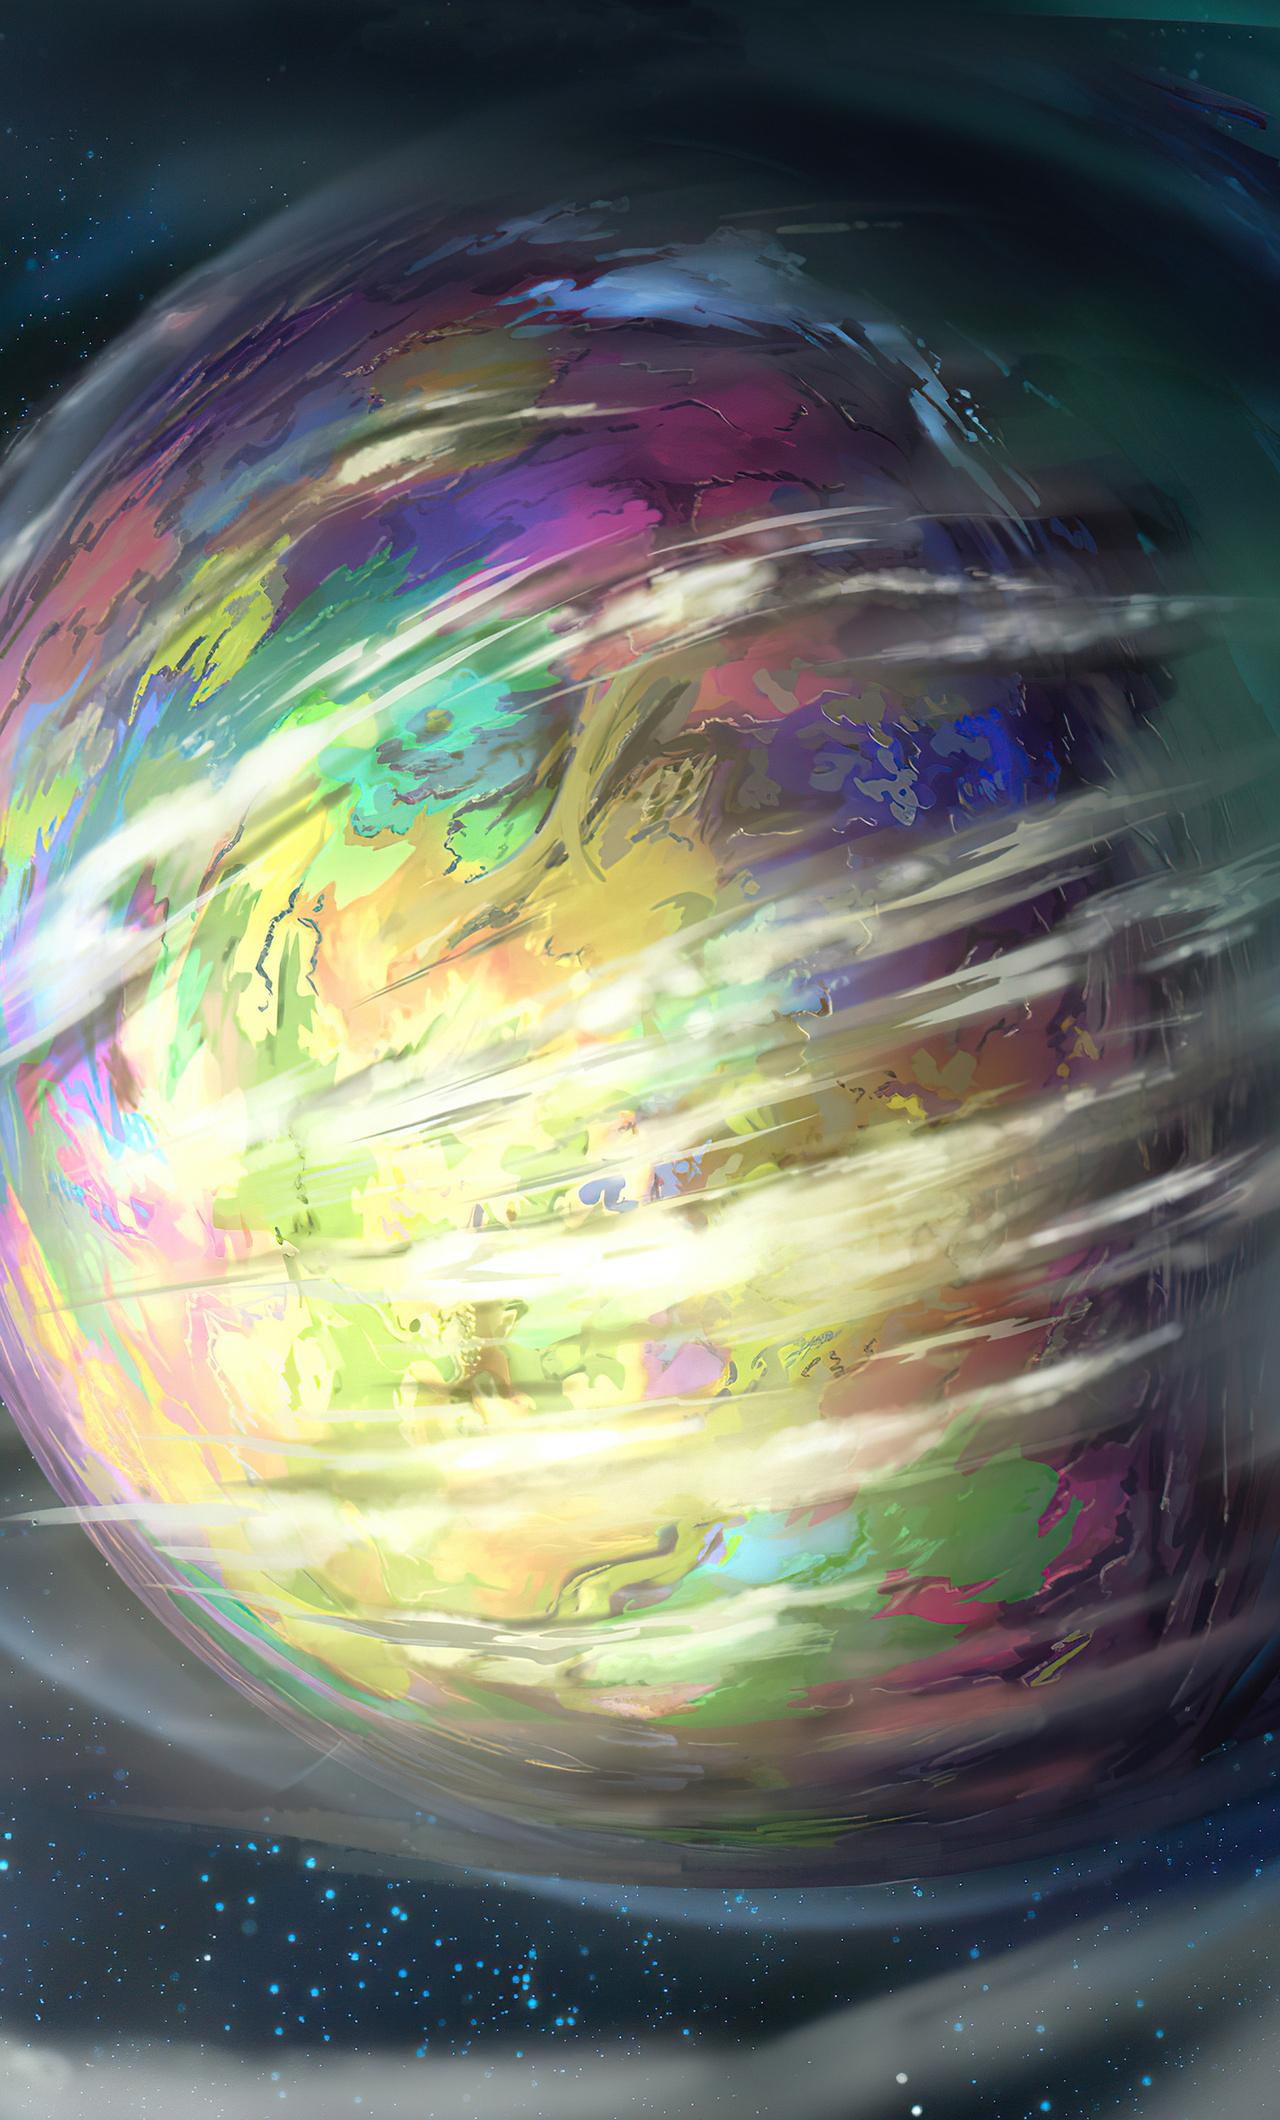 planet-gases-4k-79.jpg